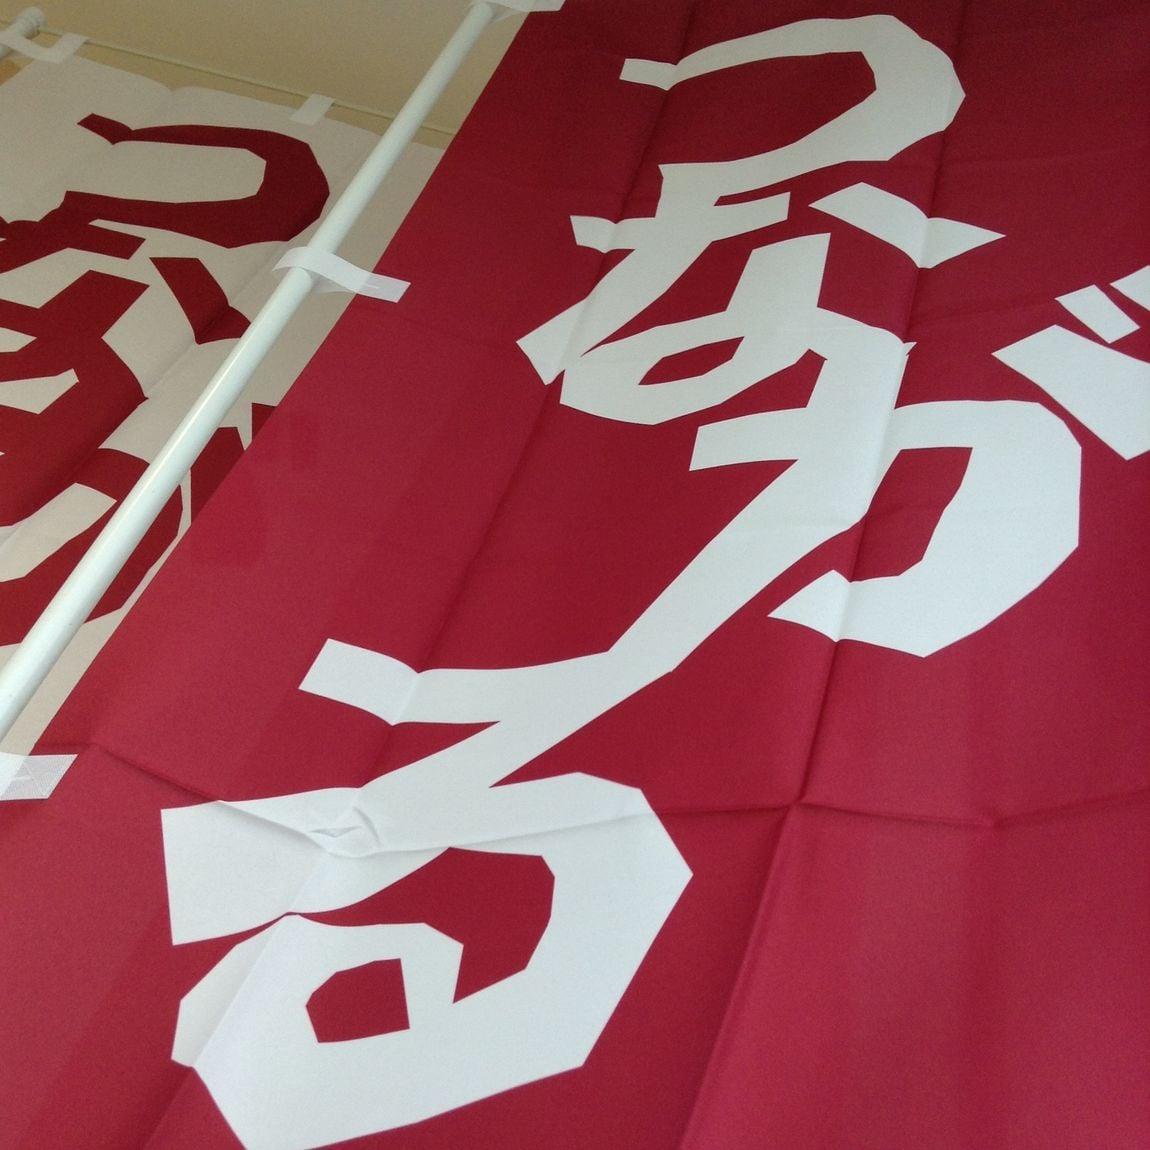 第3回札幌パルコつながる市開催